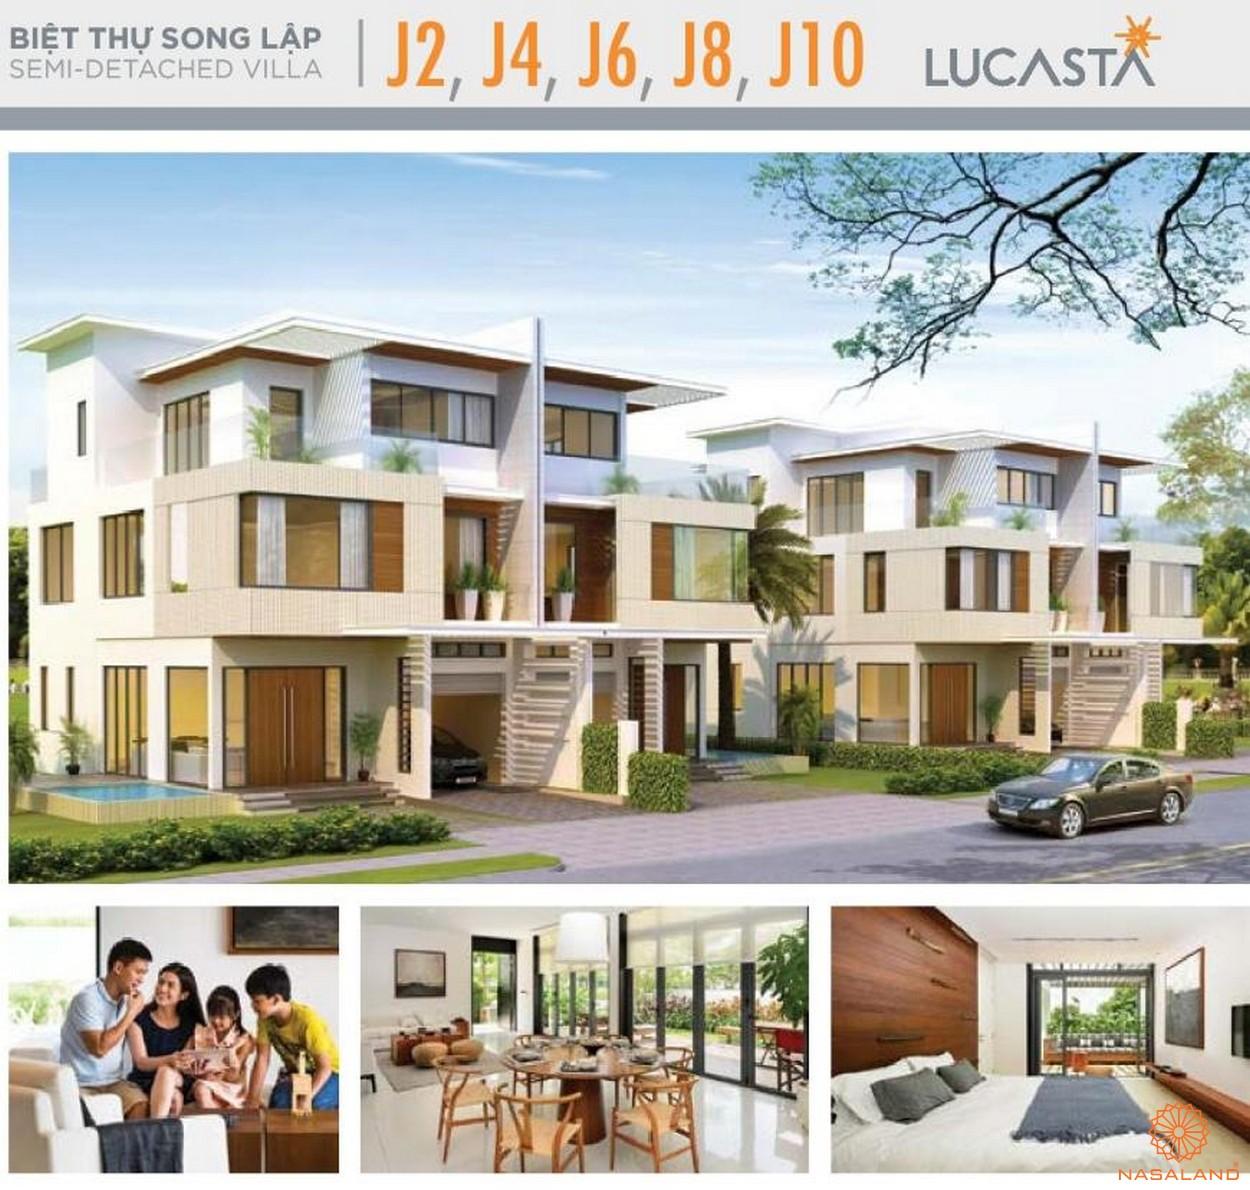 Nhà mẫu biệt thự song lập J2-4-6-8-10 tại dự án biệt thự Lucasta quận 9